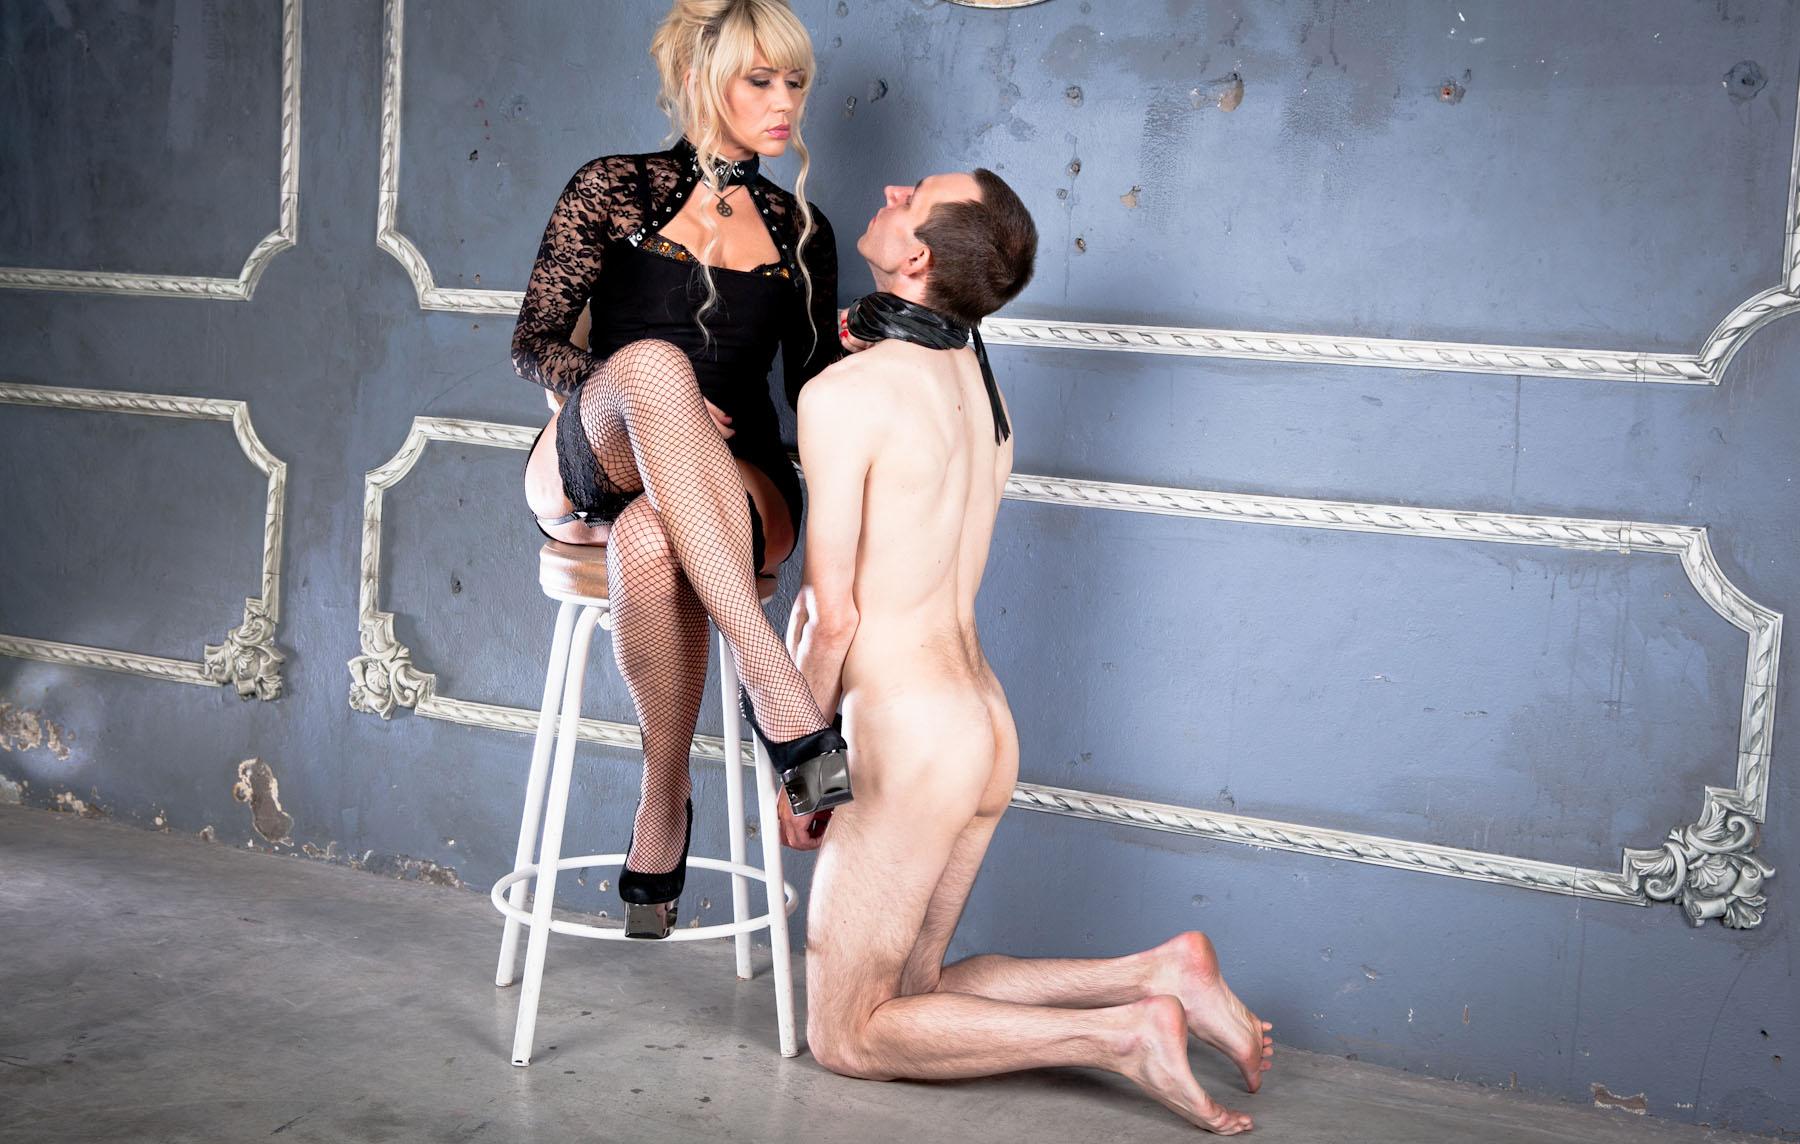 Femdom shaving slaves video, russian sexy pornstars